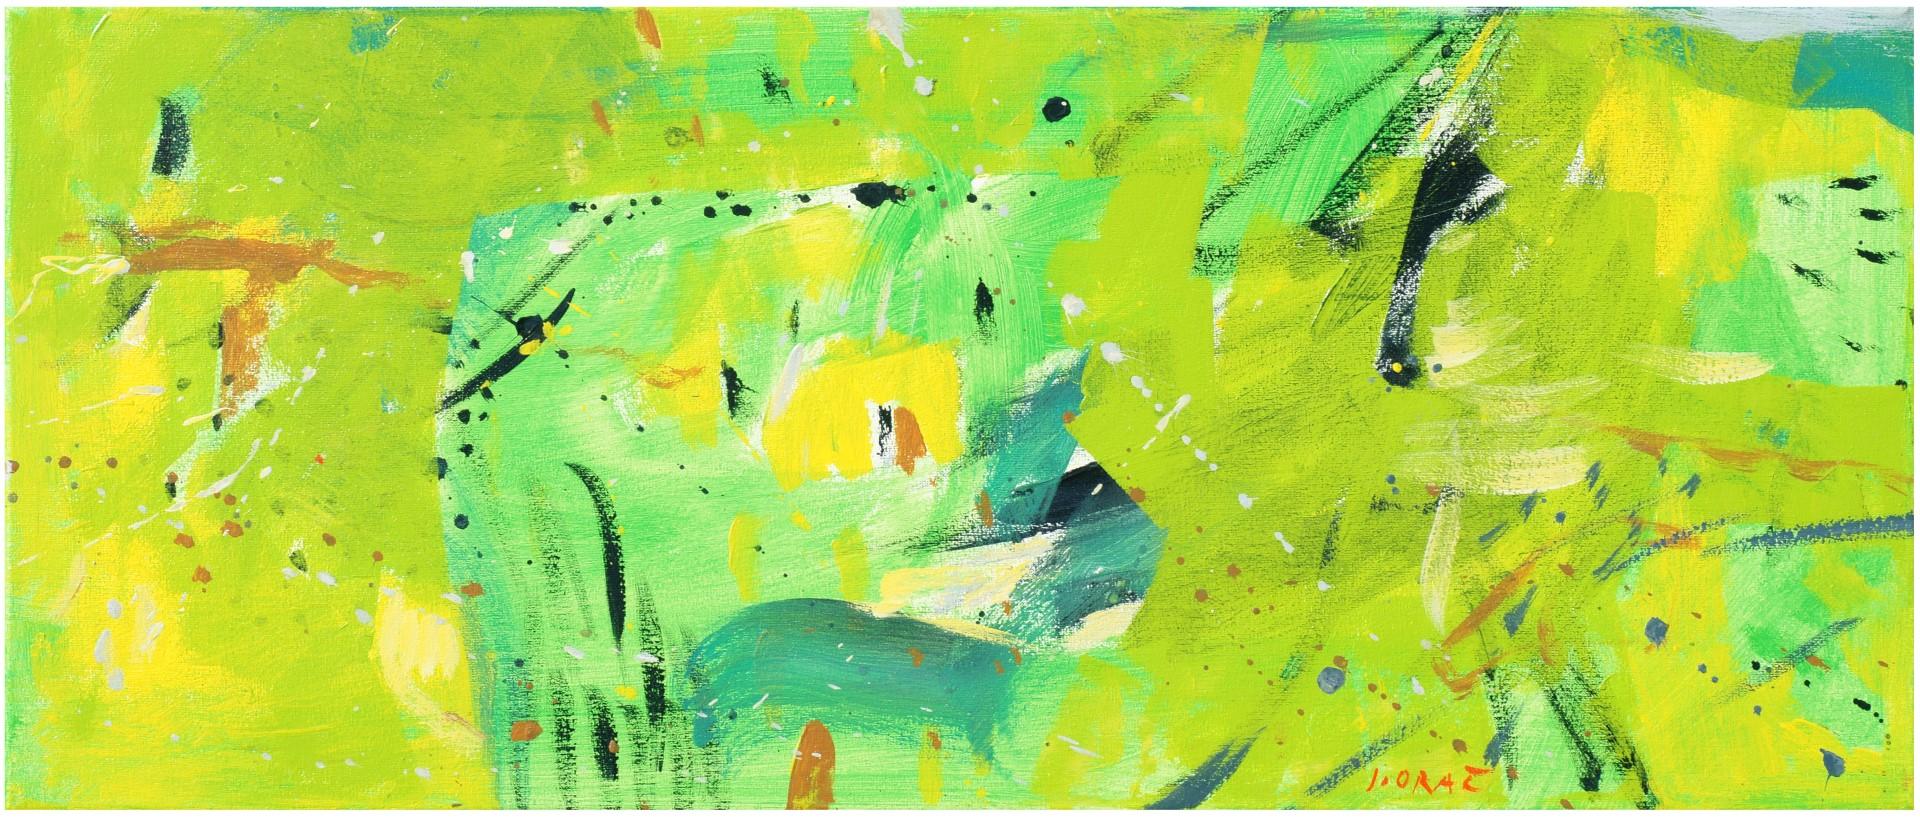 MLADOSTNA OAZA I., 2012, akril pl., 30 x 70 cm